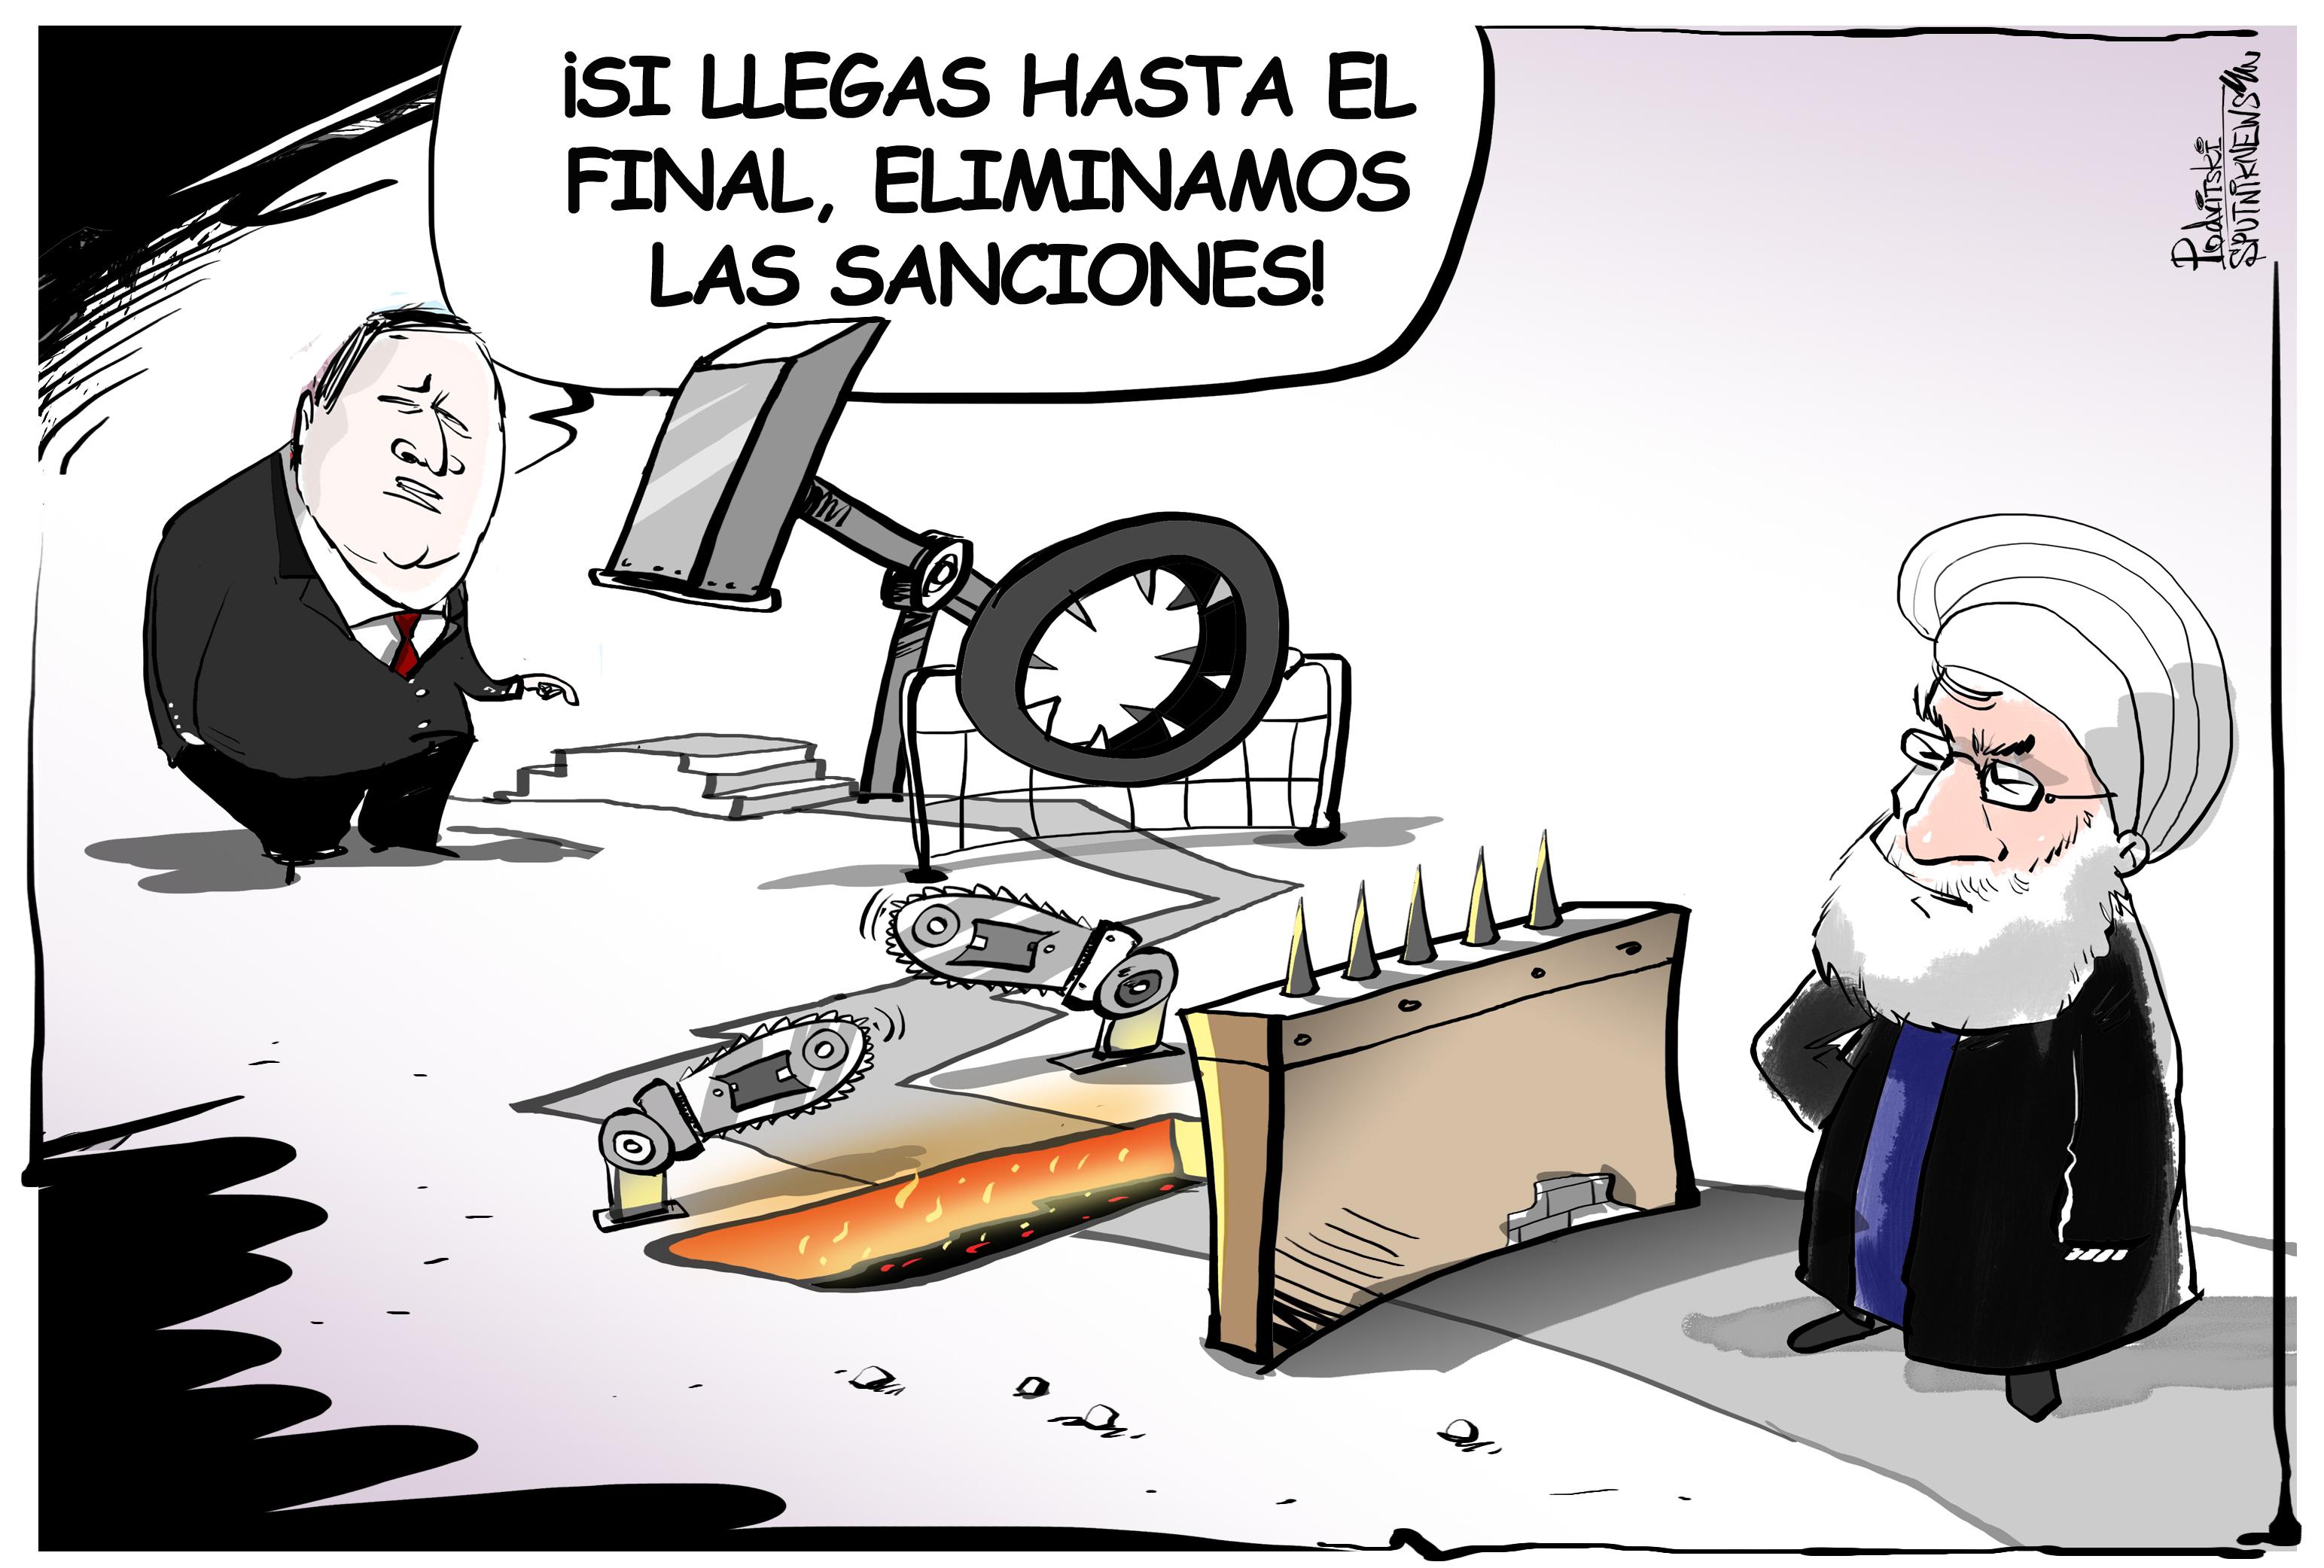 La carrera de las sanciones, nivel Irán